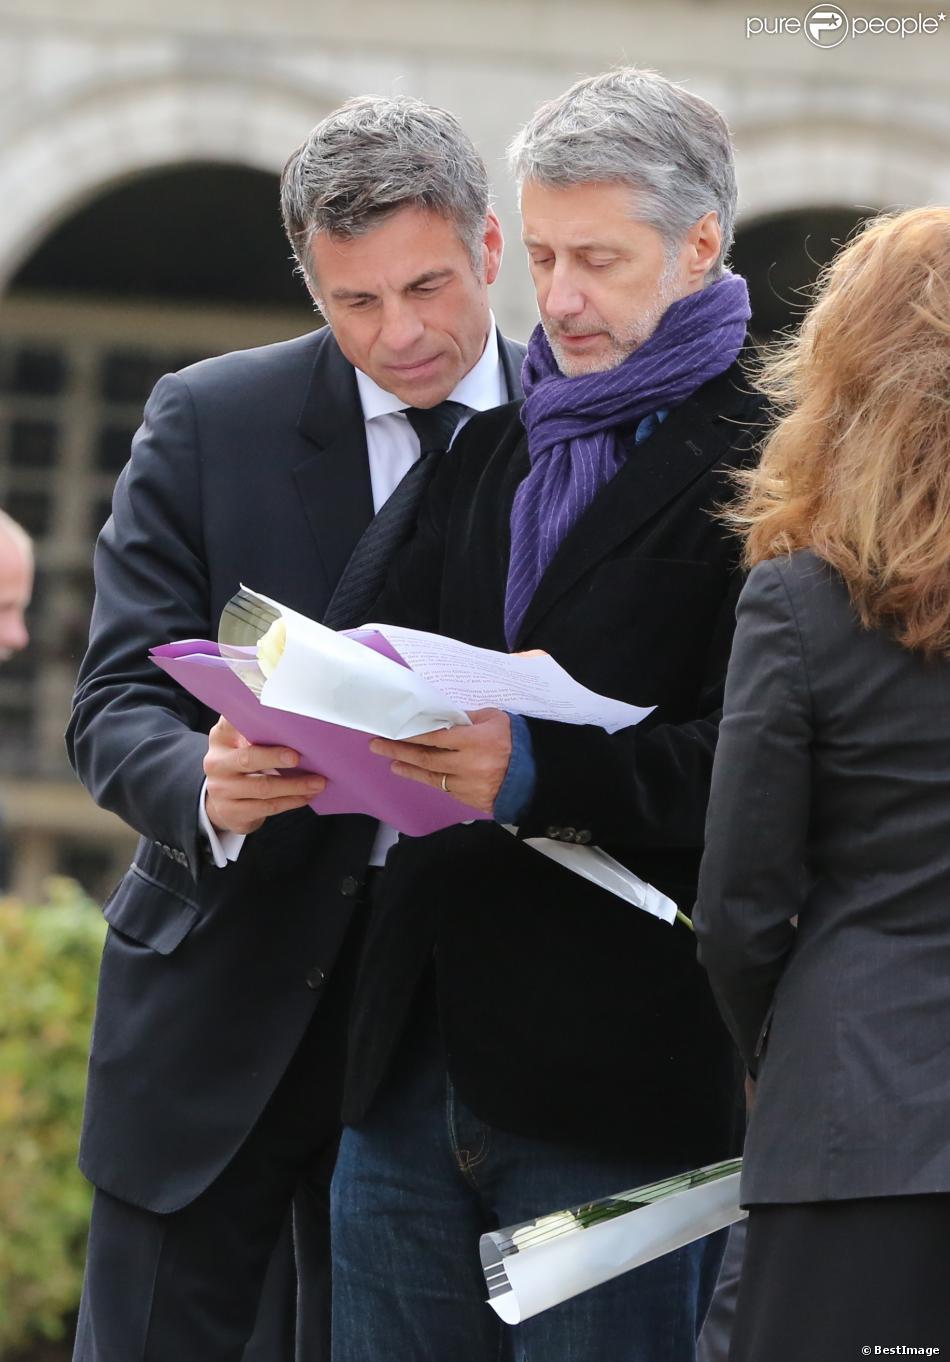 Bruno Gaccio et Antoine de Caunes lors des obsèques de Gilles Verlant au cimetière du Père-Lachaise, le 4 octobre 2013 à Paris